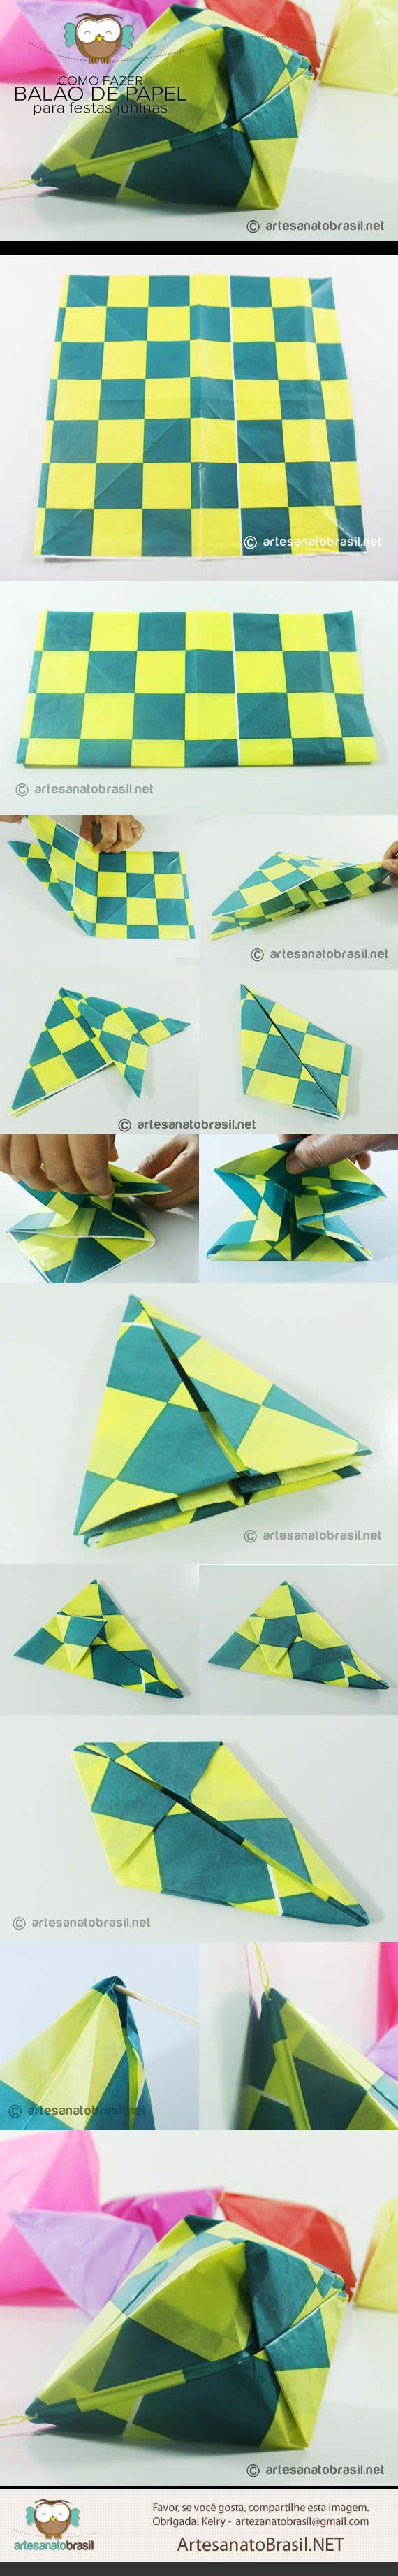 Como fazer Balão de festa junina com papel de seda - paper balloon origami lantern for party decorations, balloon decoration for world cup